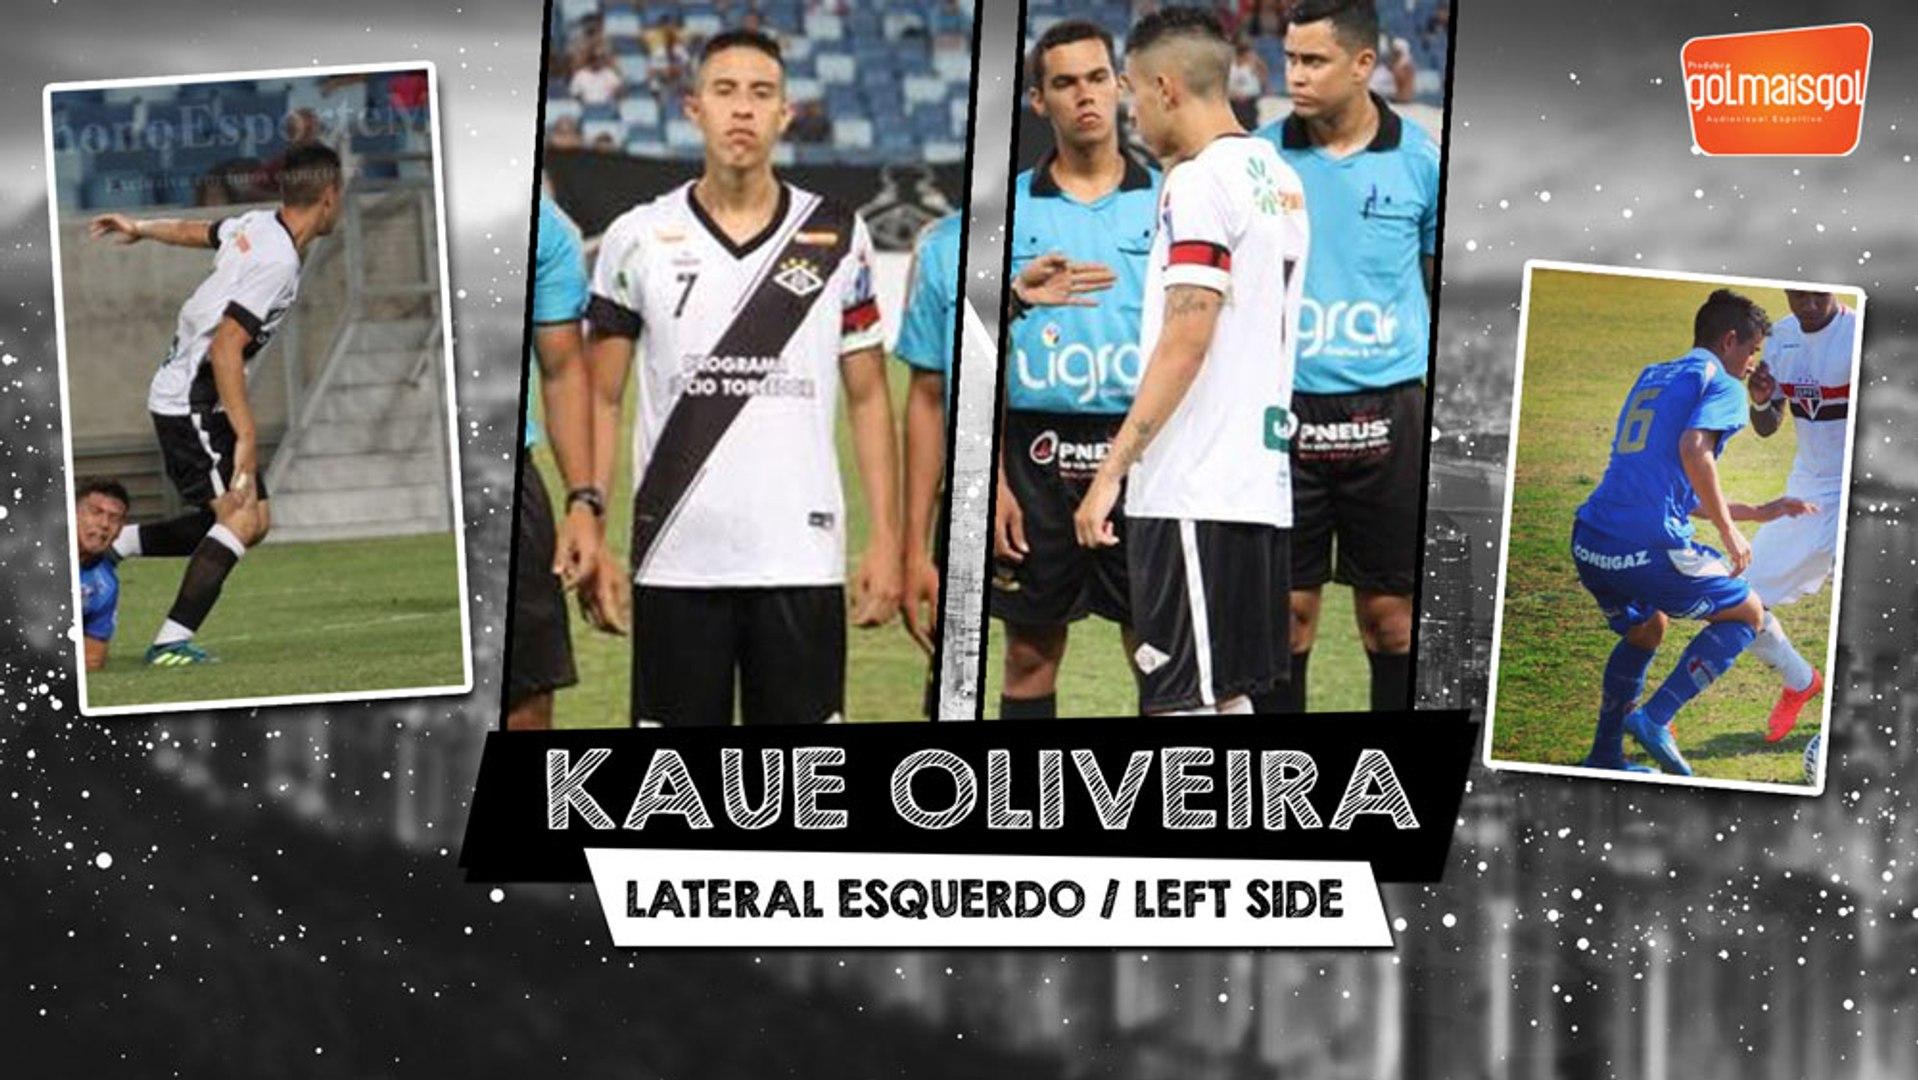 KAUE OLIVEIRA - Kaue Gustavo Pereira de Oliveira - Lateral Esquerdo - www.golmaisgol.com.br